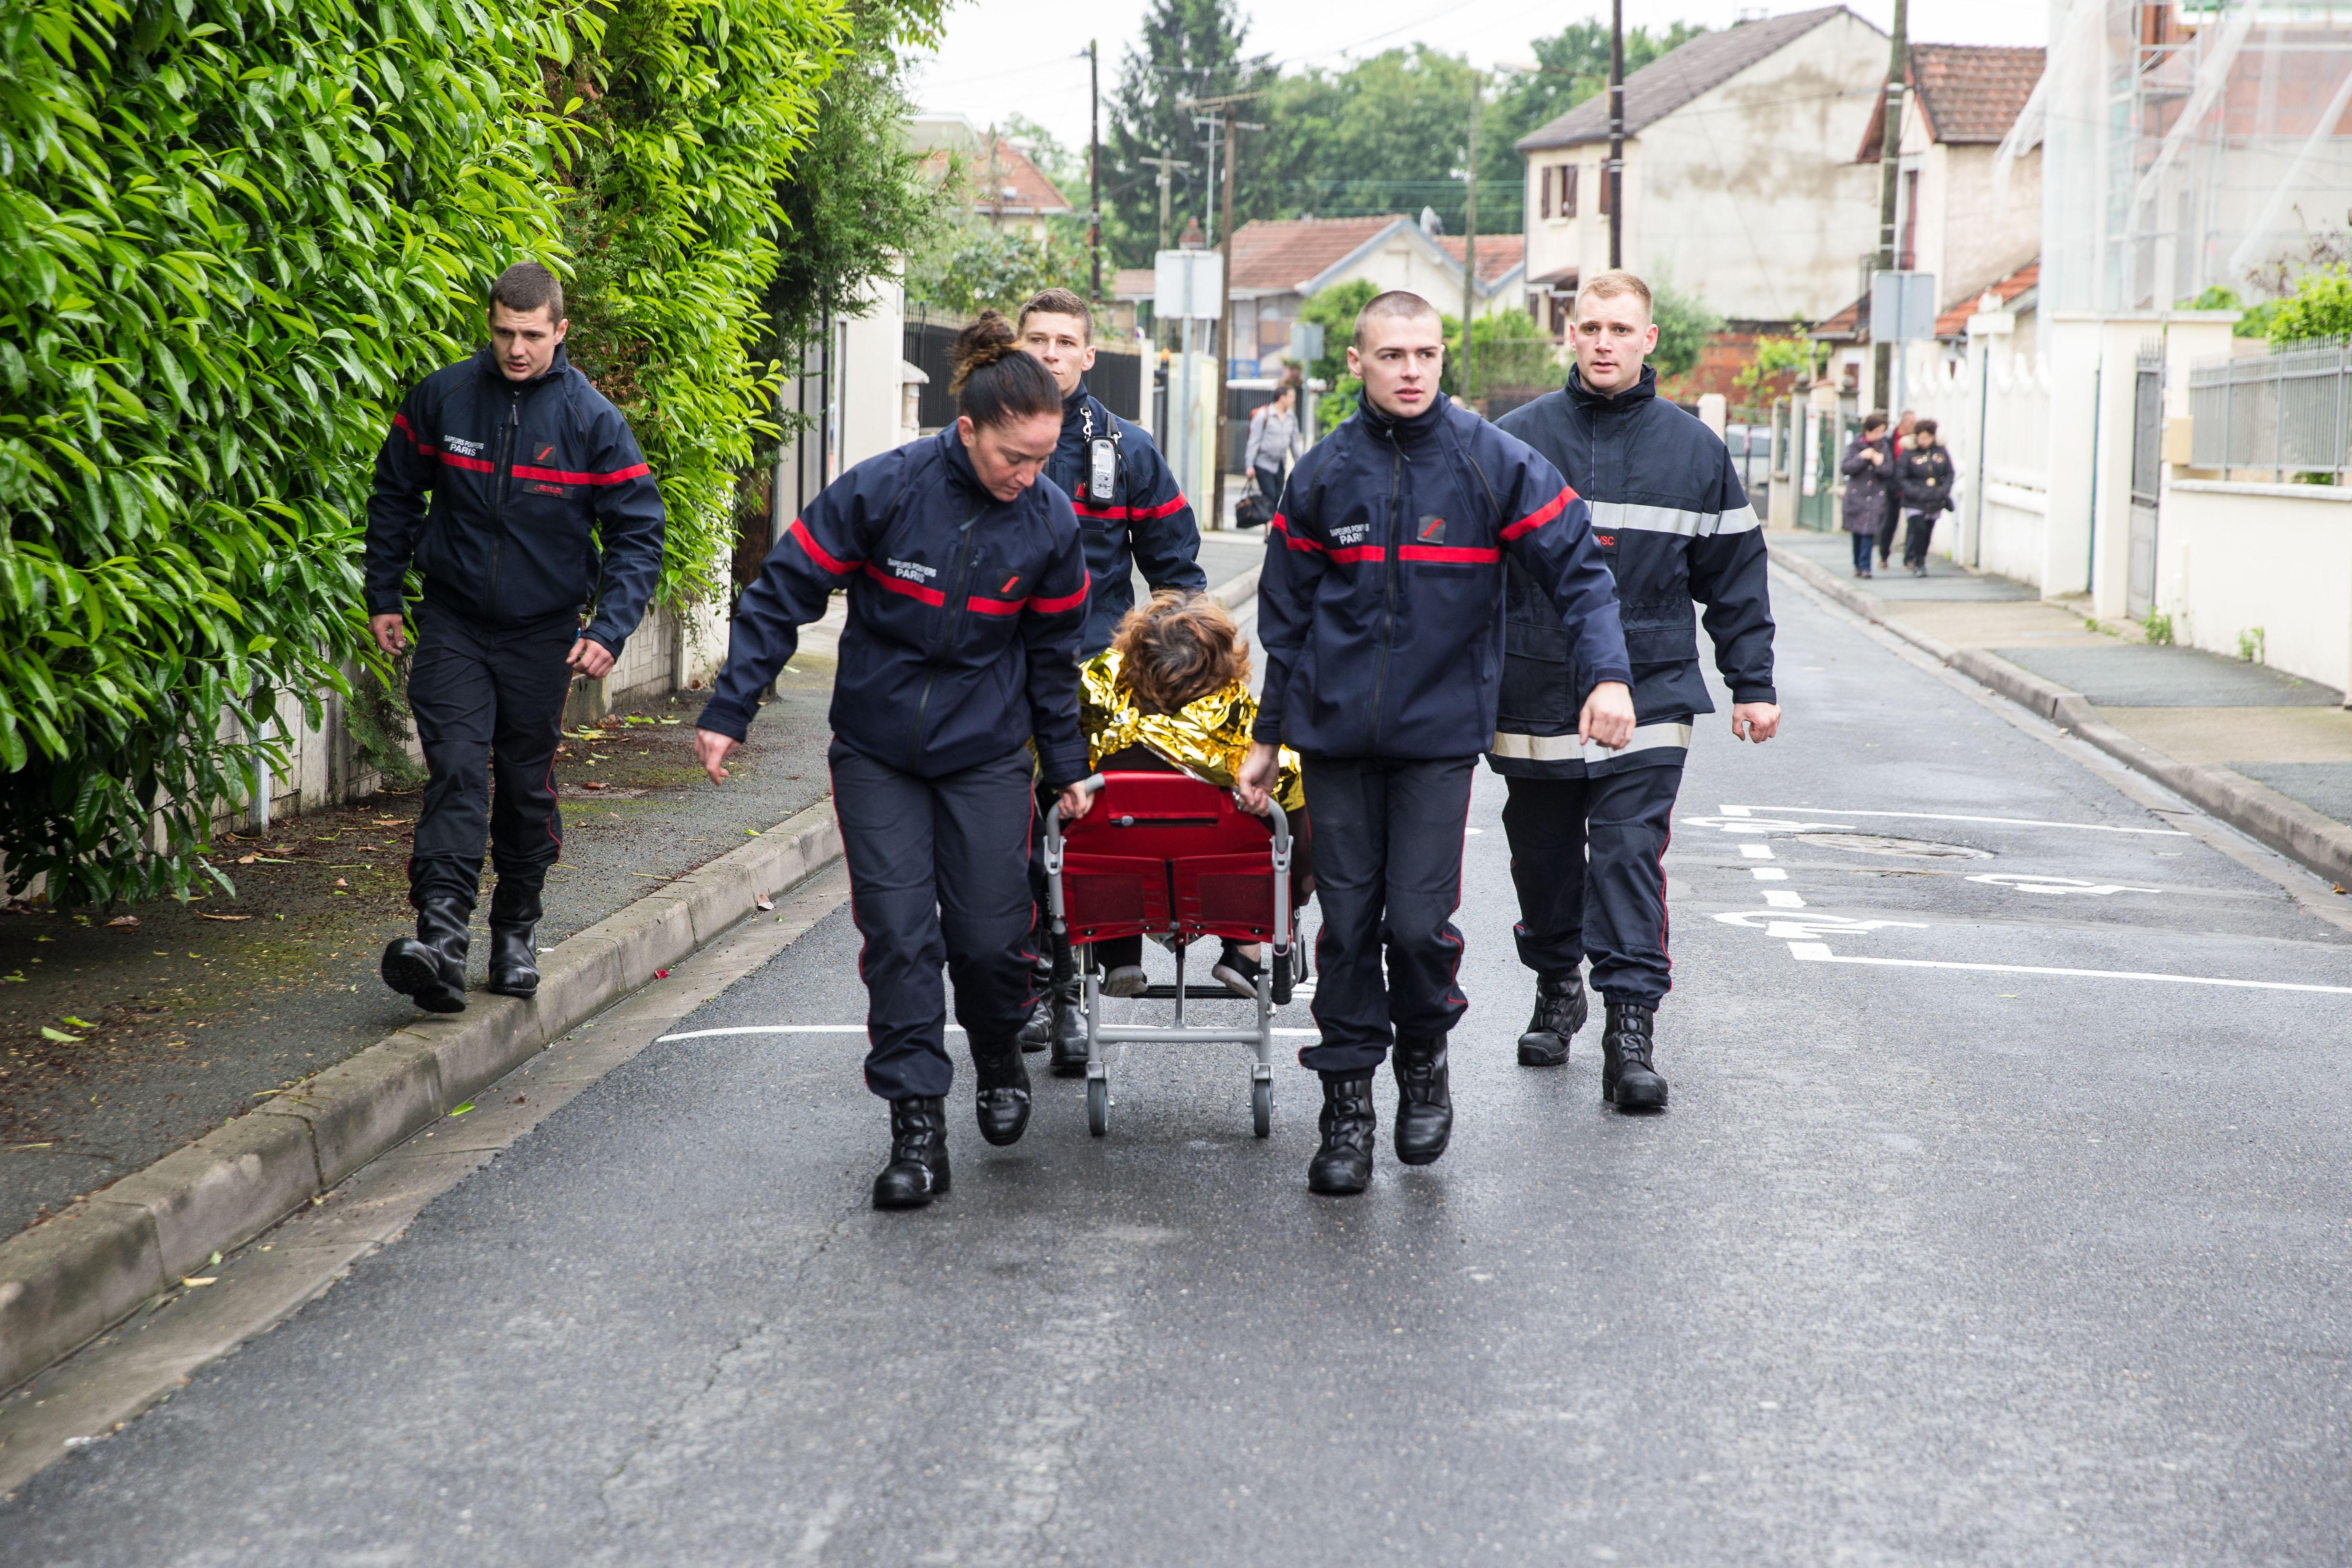 Pompiers de Paris Villeneuve Saint Georges Juin 2016 Photo Mickael Lefevre 13